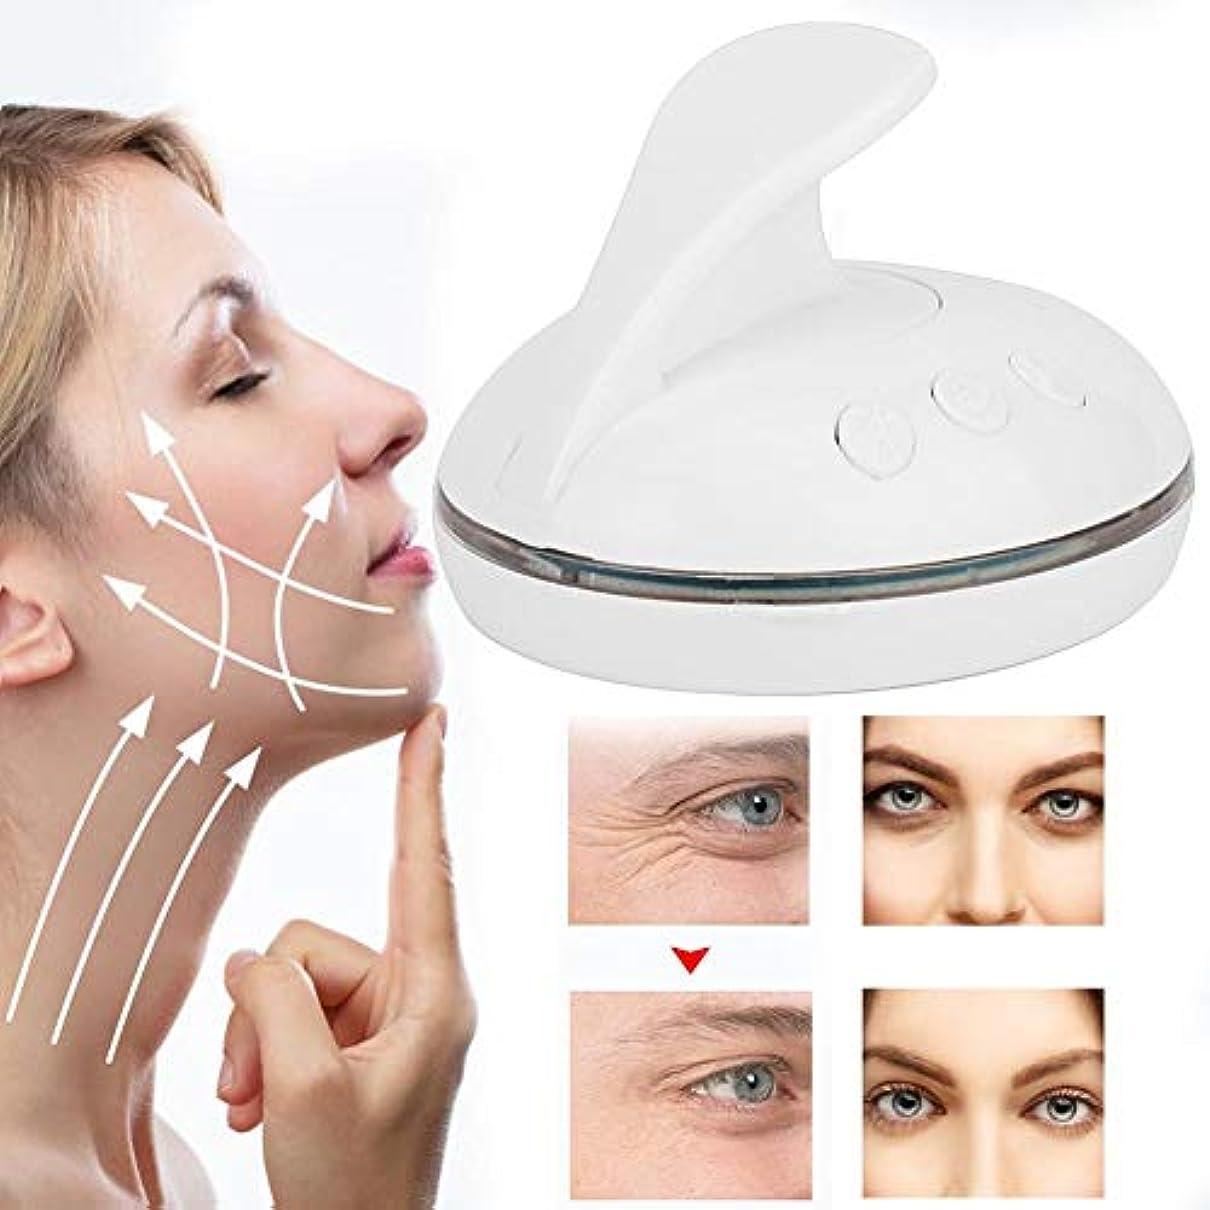 言い聞かせる感動するアレンジLEDの顔のスキンケア機械、3色の軽い若返りの器械の改装の反老化の表面スキンケアのマッサージャーは顔の反しわをきつく締めます